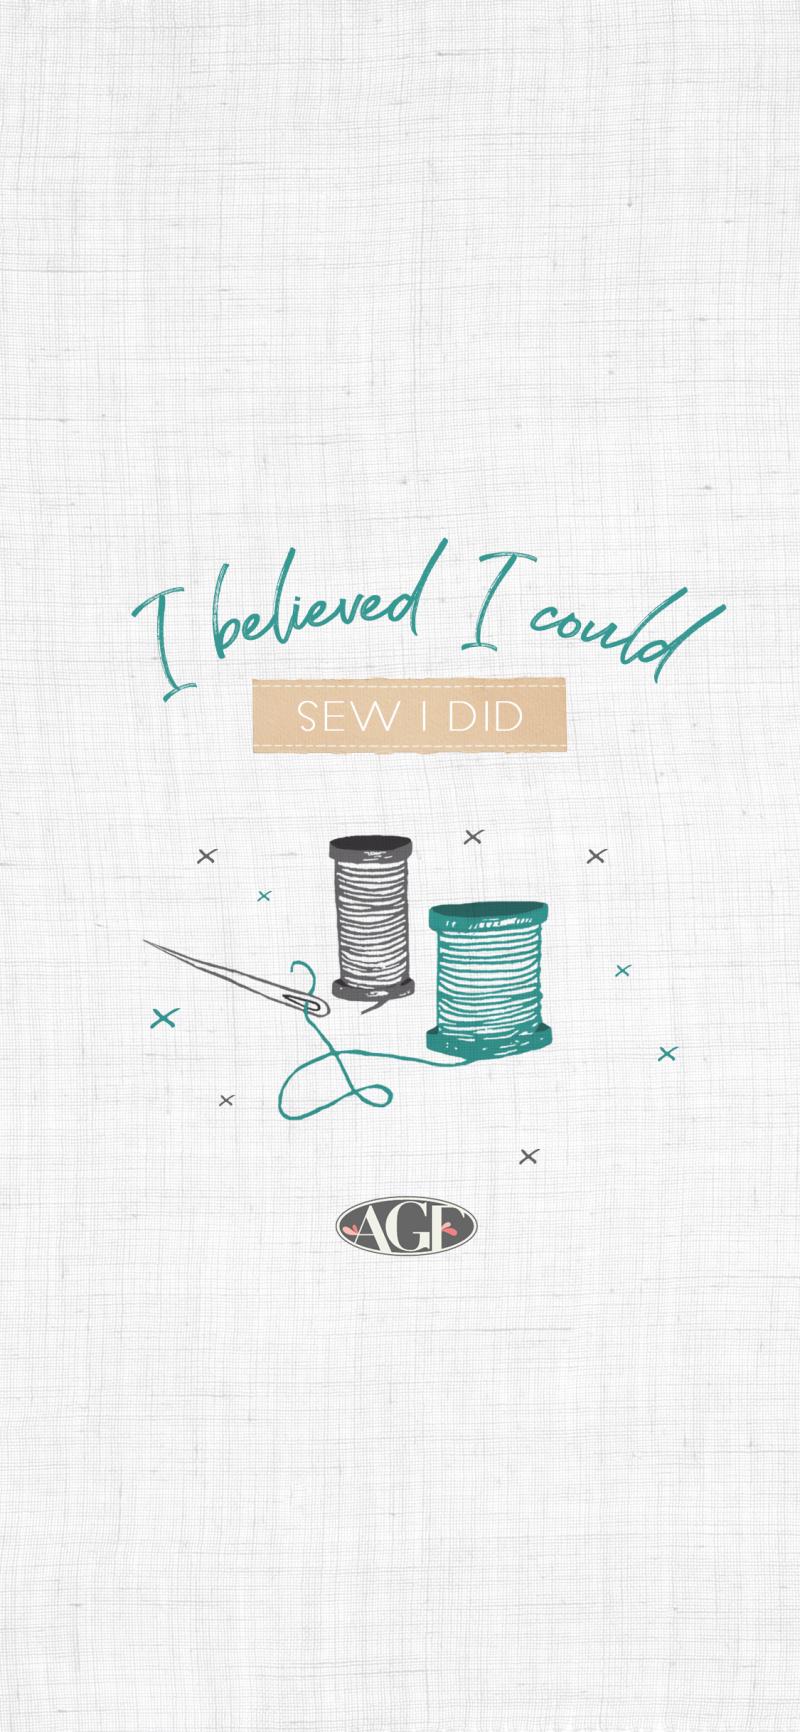 Sew-I-did_Wallpaper